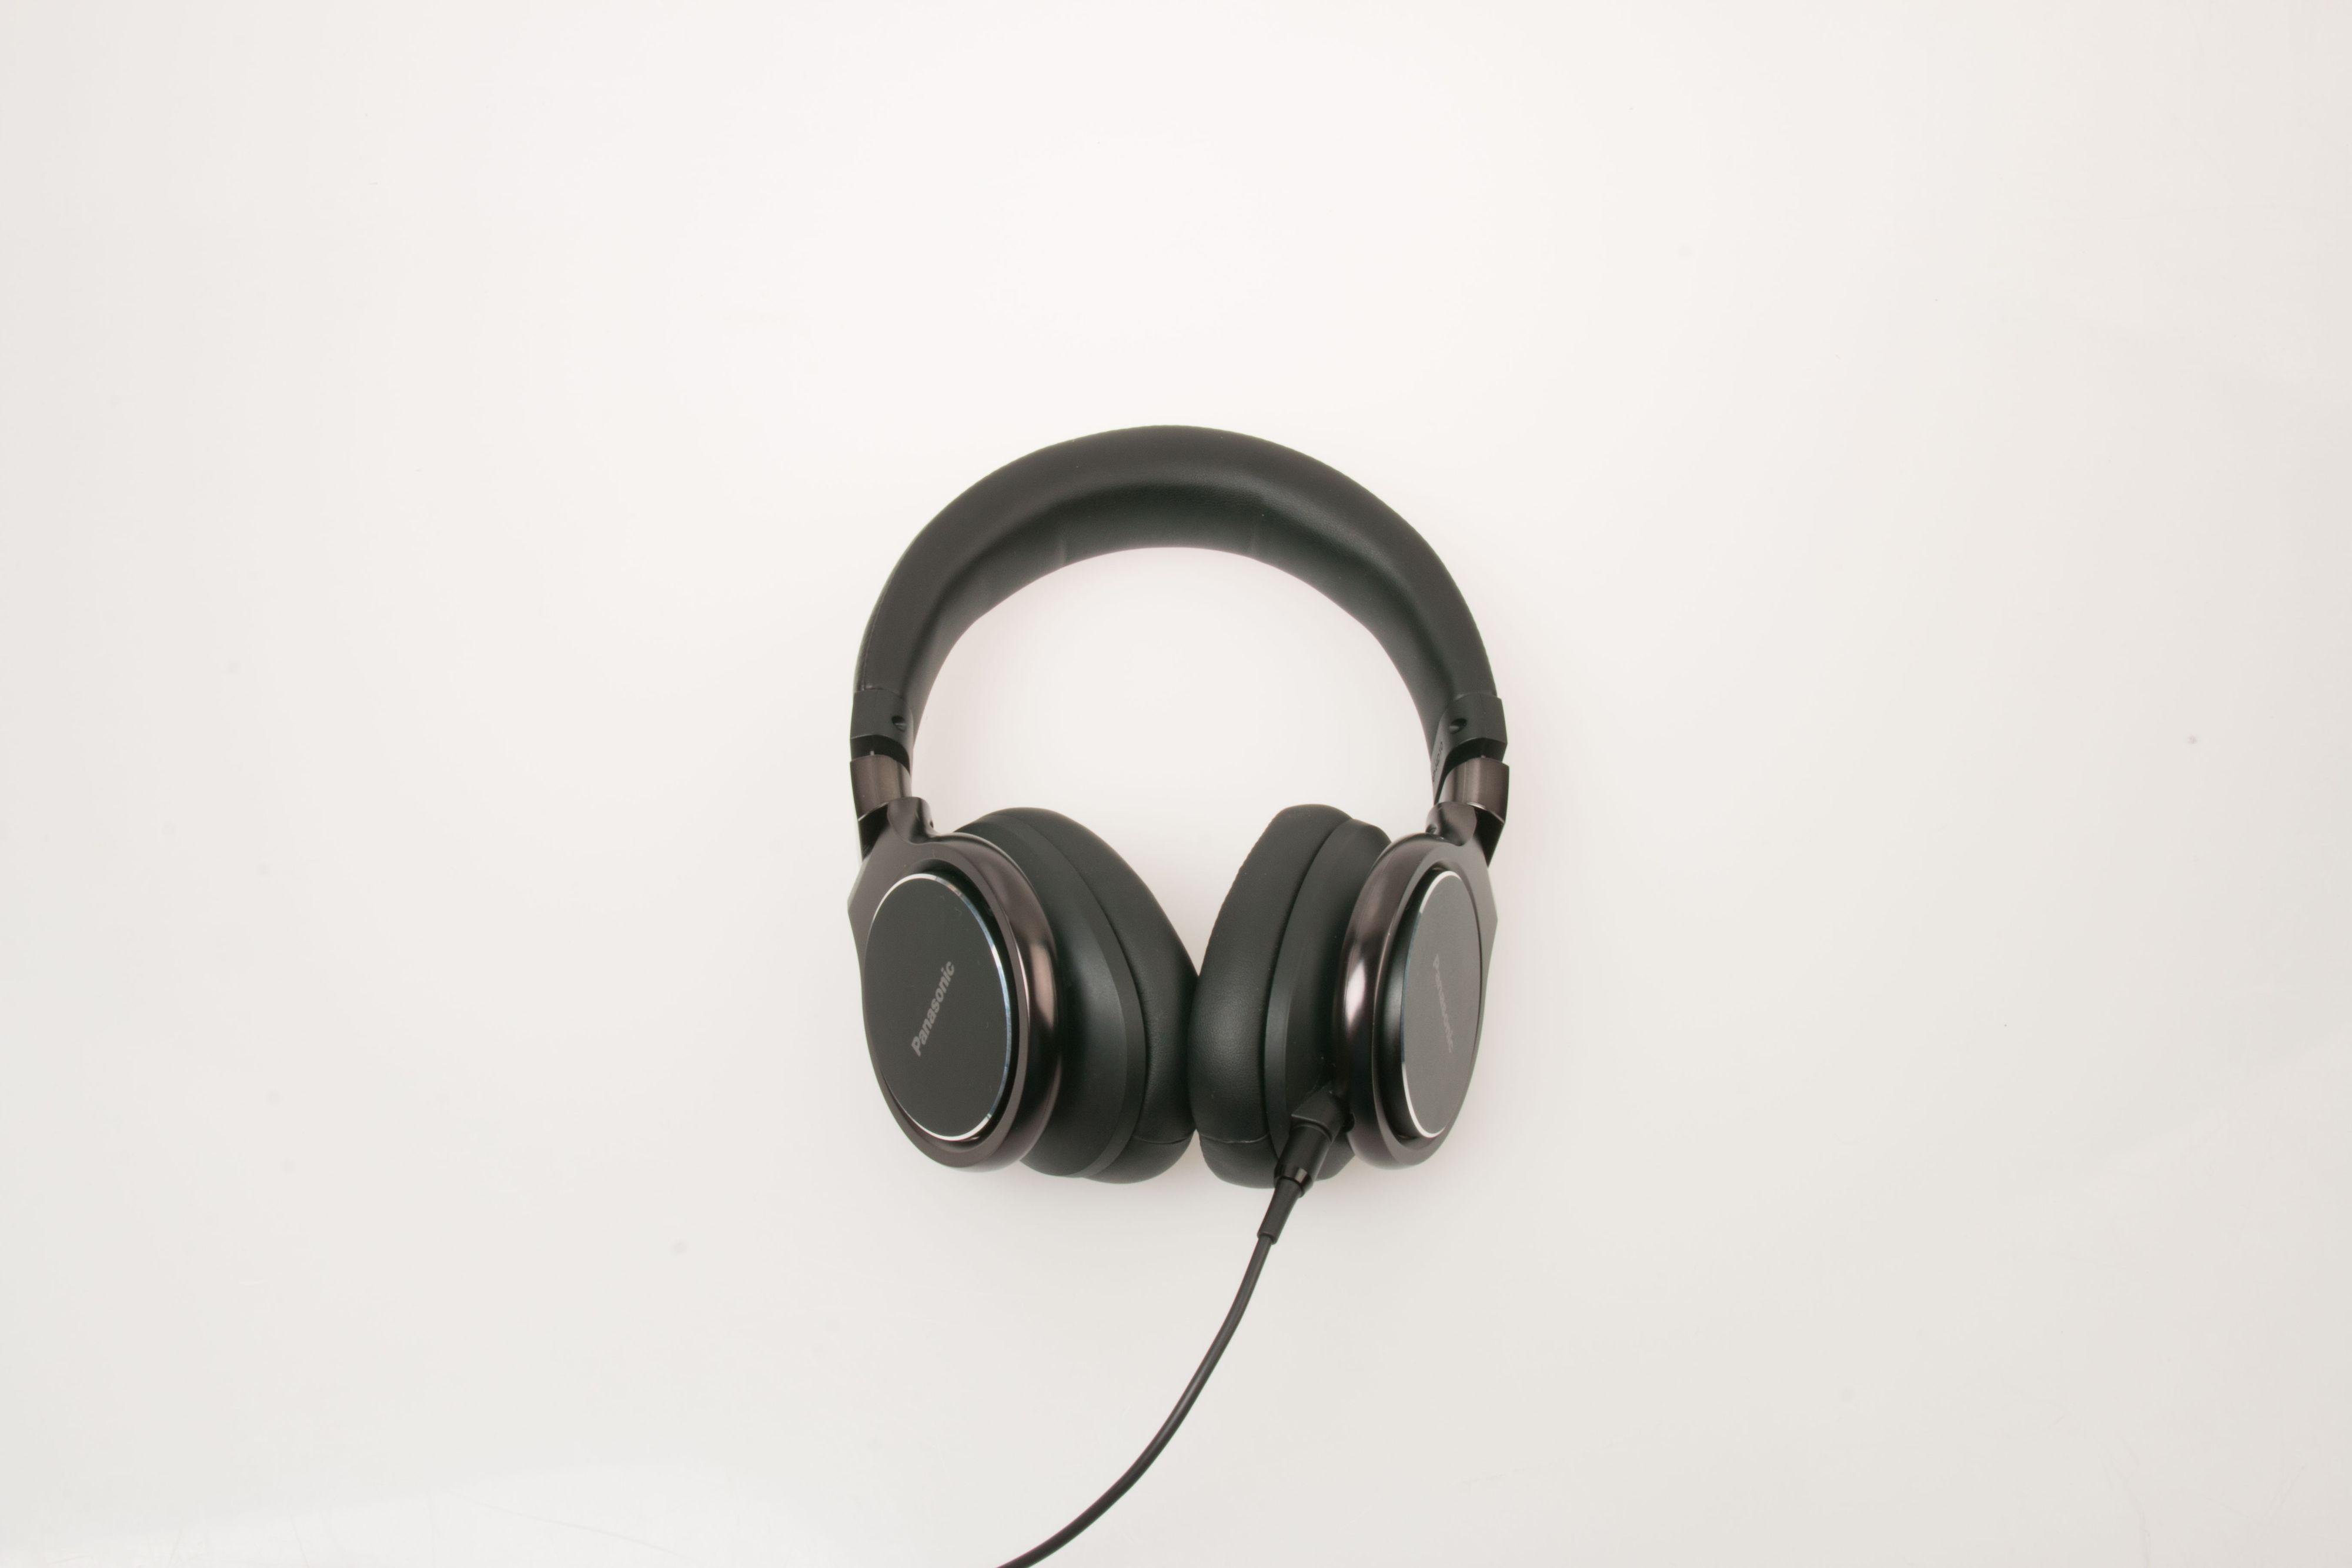 Panasonic RP-HD10 har en god utforming som gjør at de sitter godt og tett på hodet. Foto: Ole Henrik Johansen / Tek.no